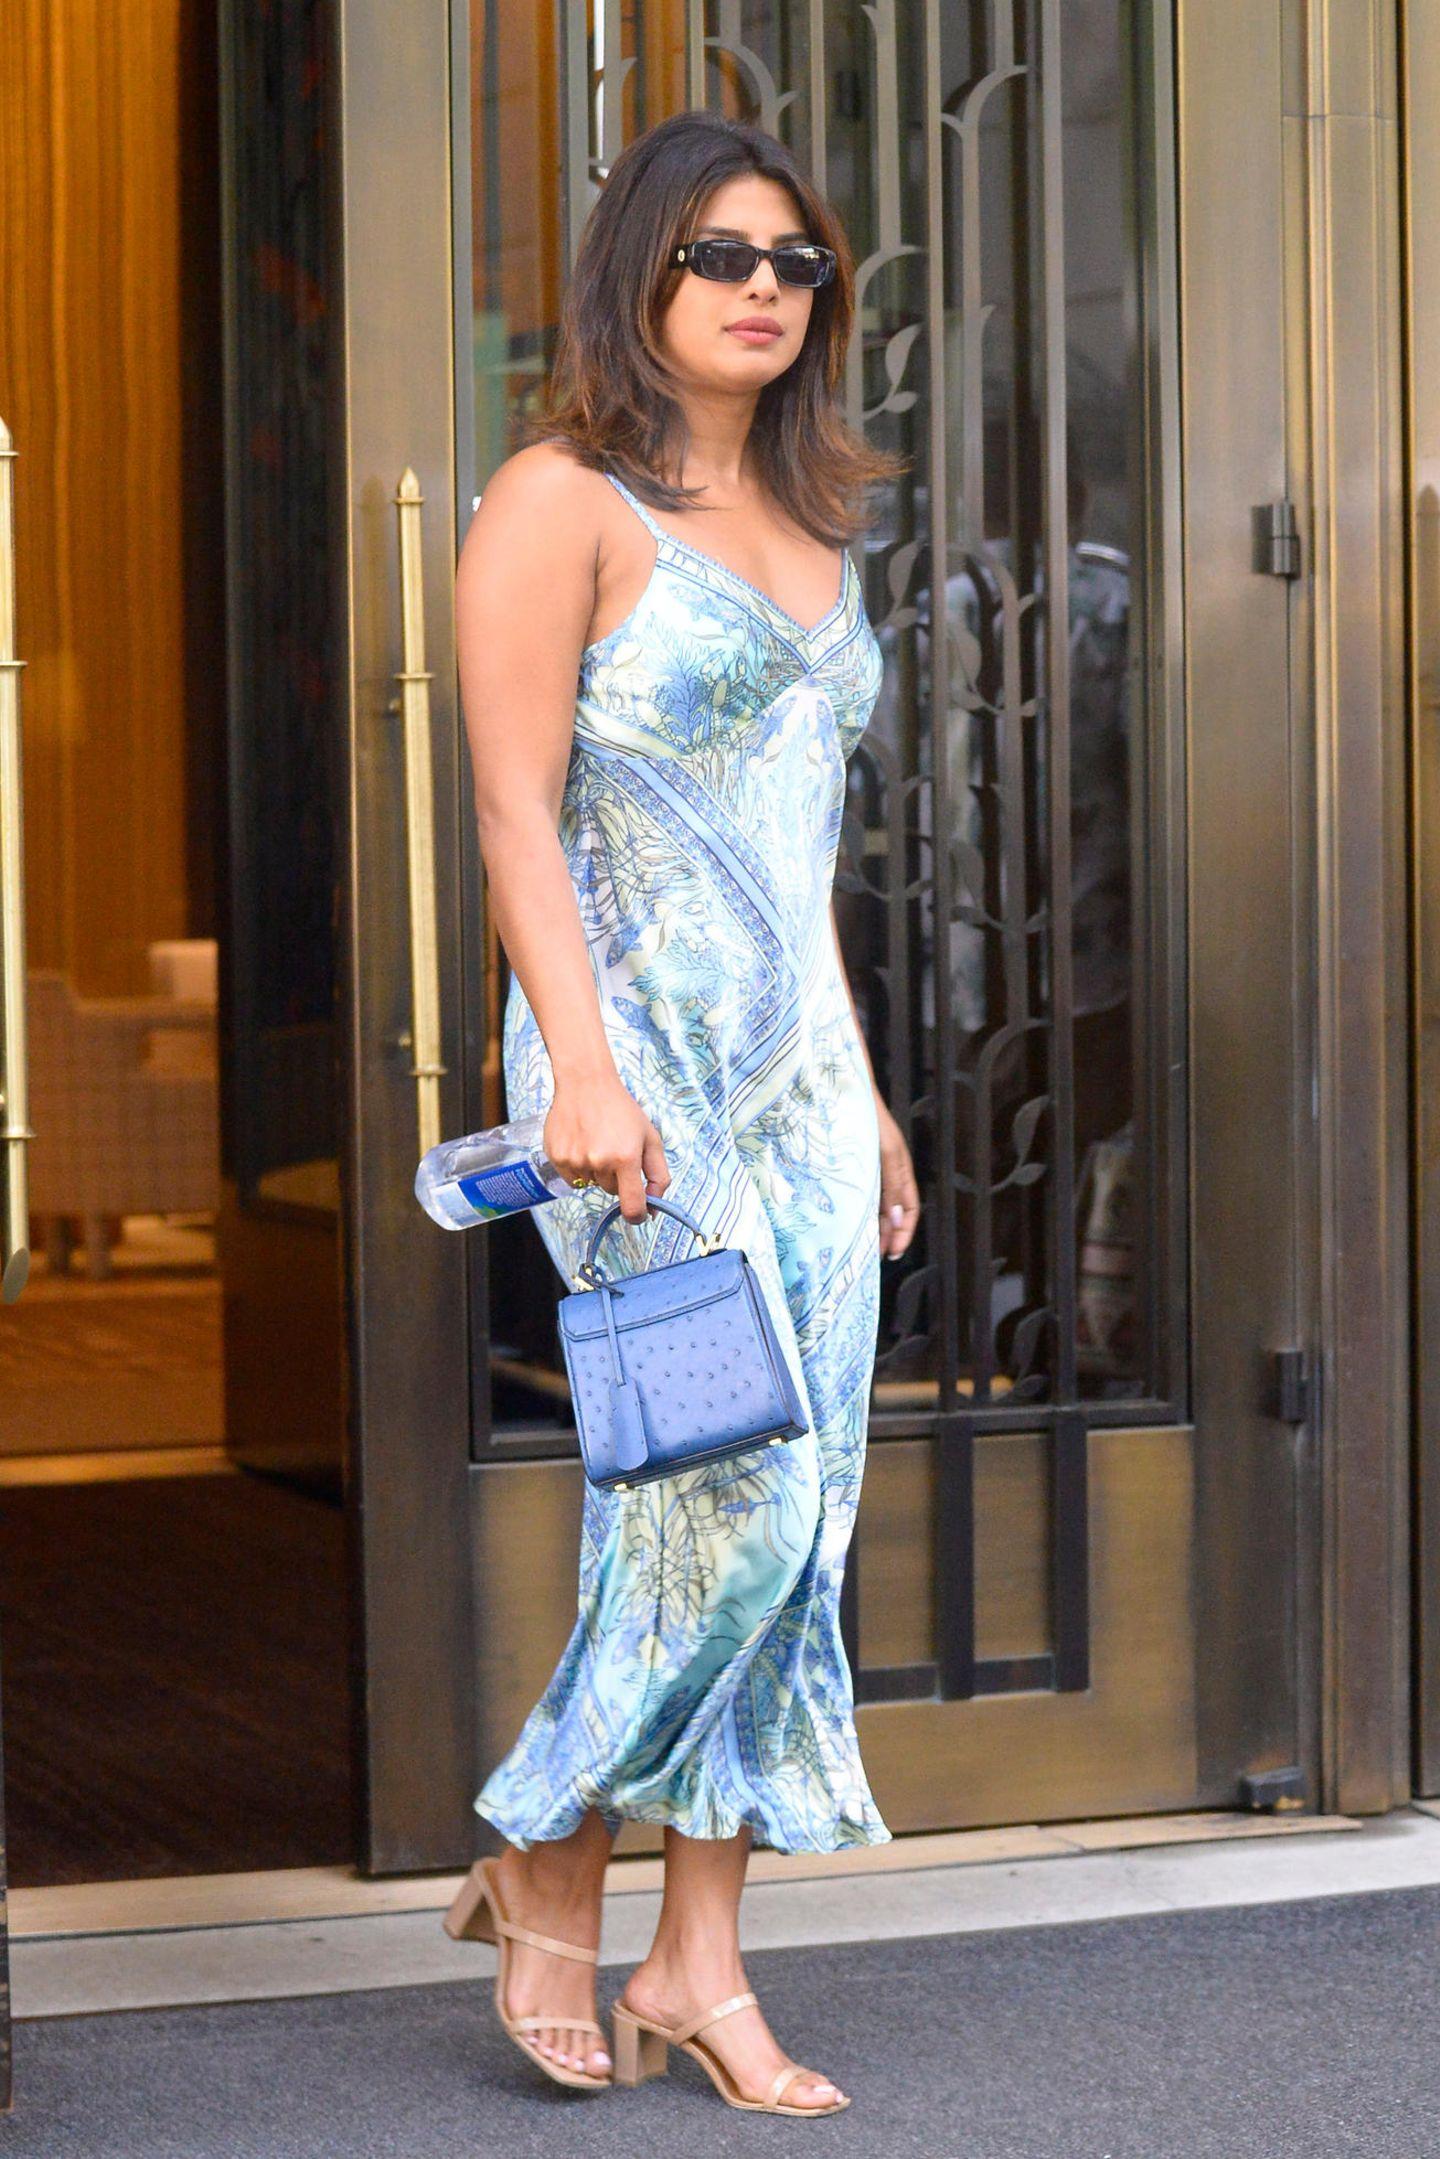 Priyanka Chopra verzaubert in einem seidigen Midi-Dress in Aquamarin. Da muss man sofort ans Meer und eine sanfte Brise denken.